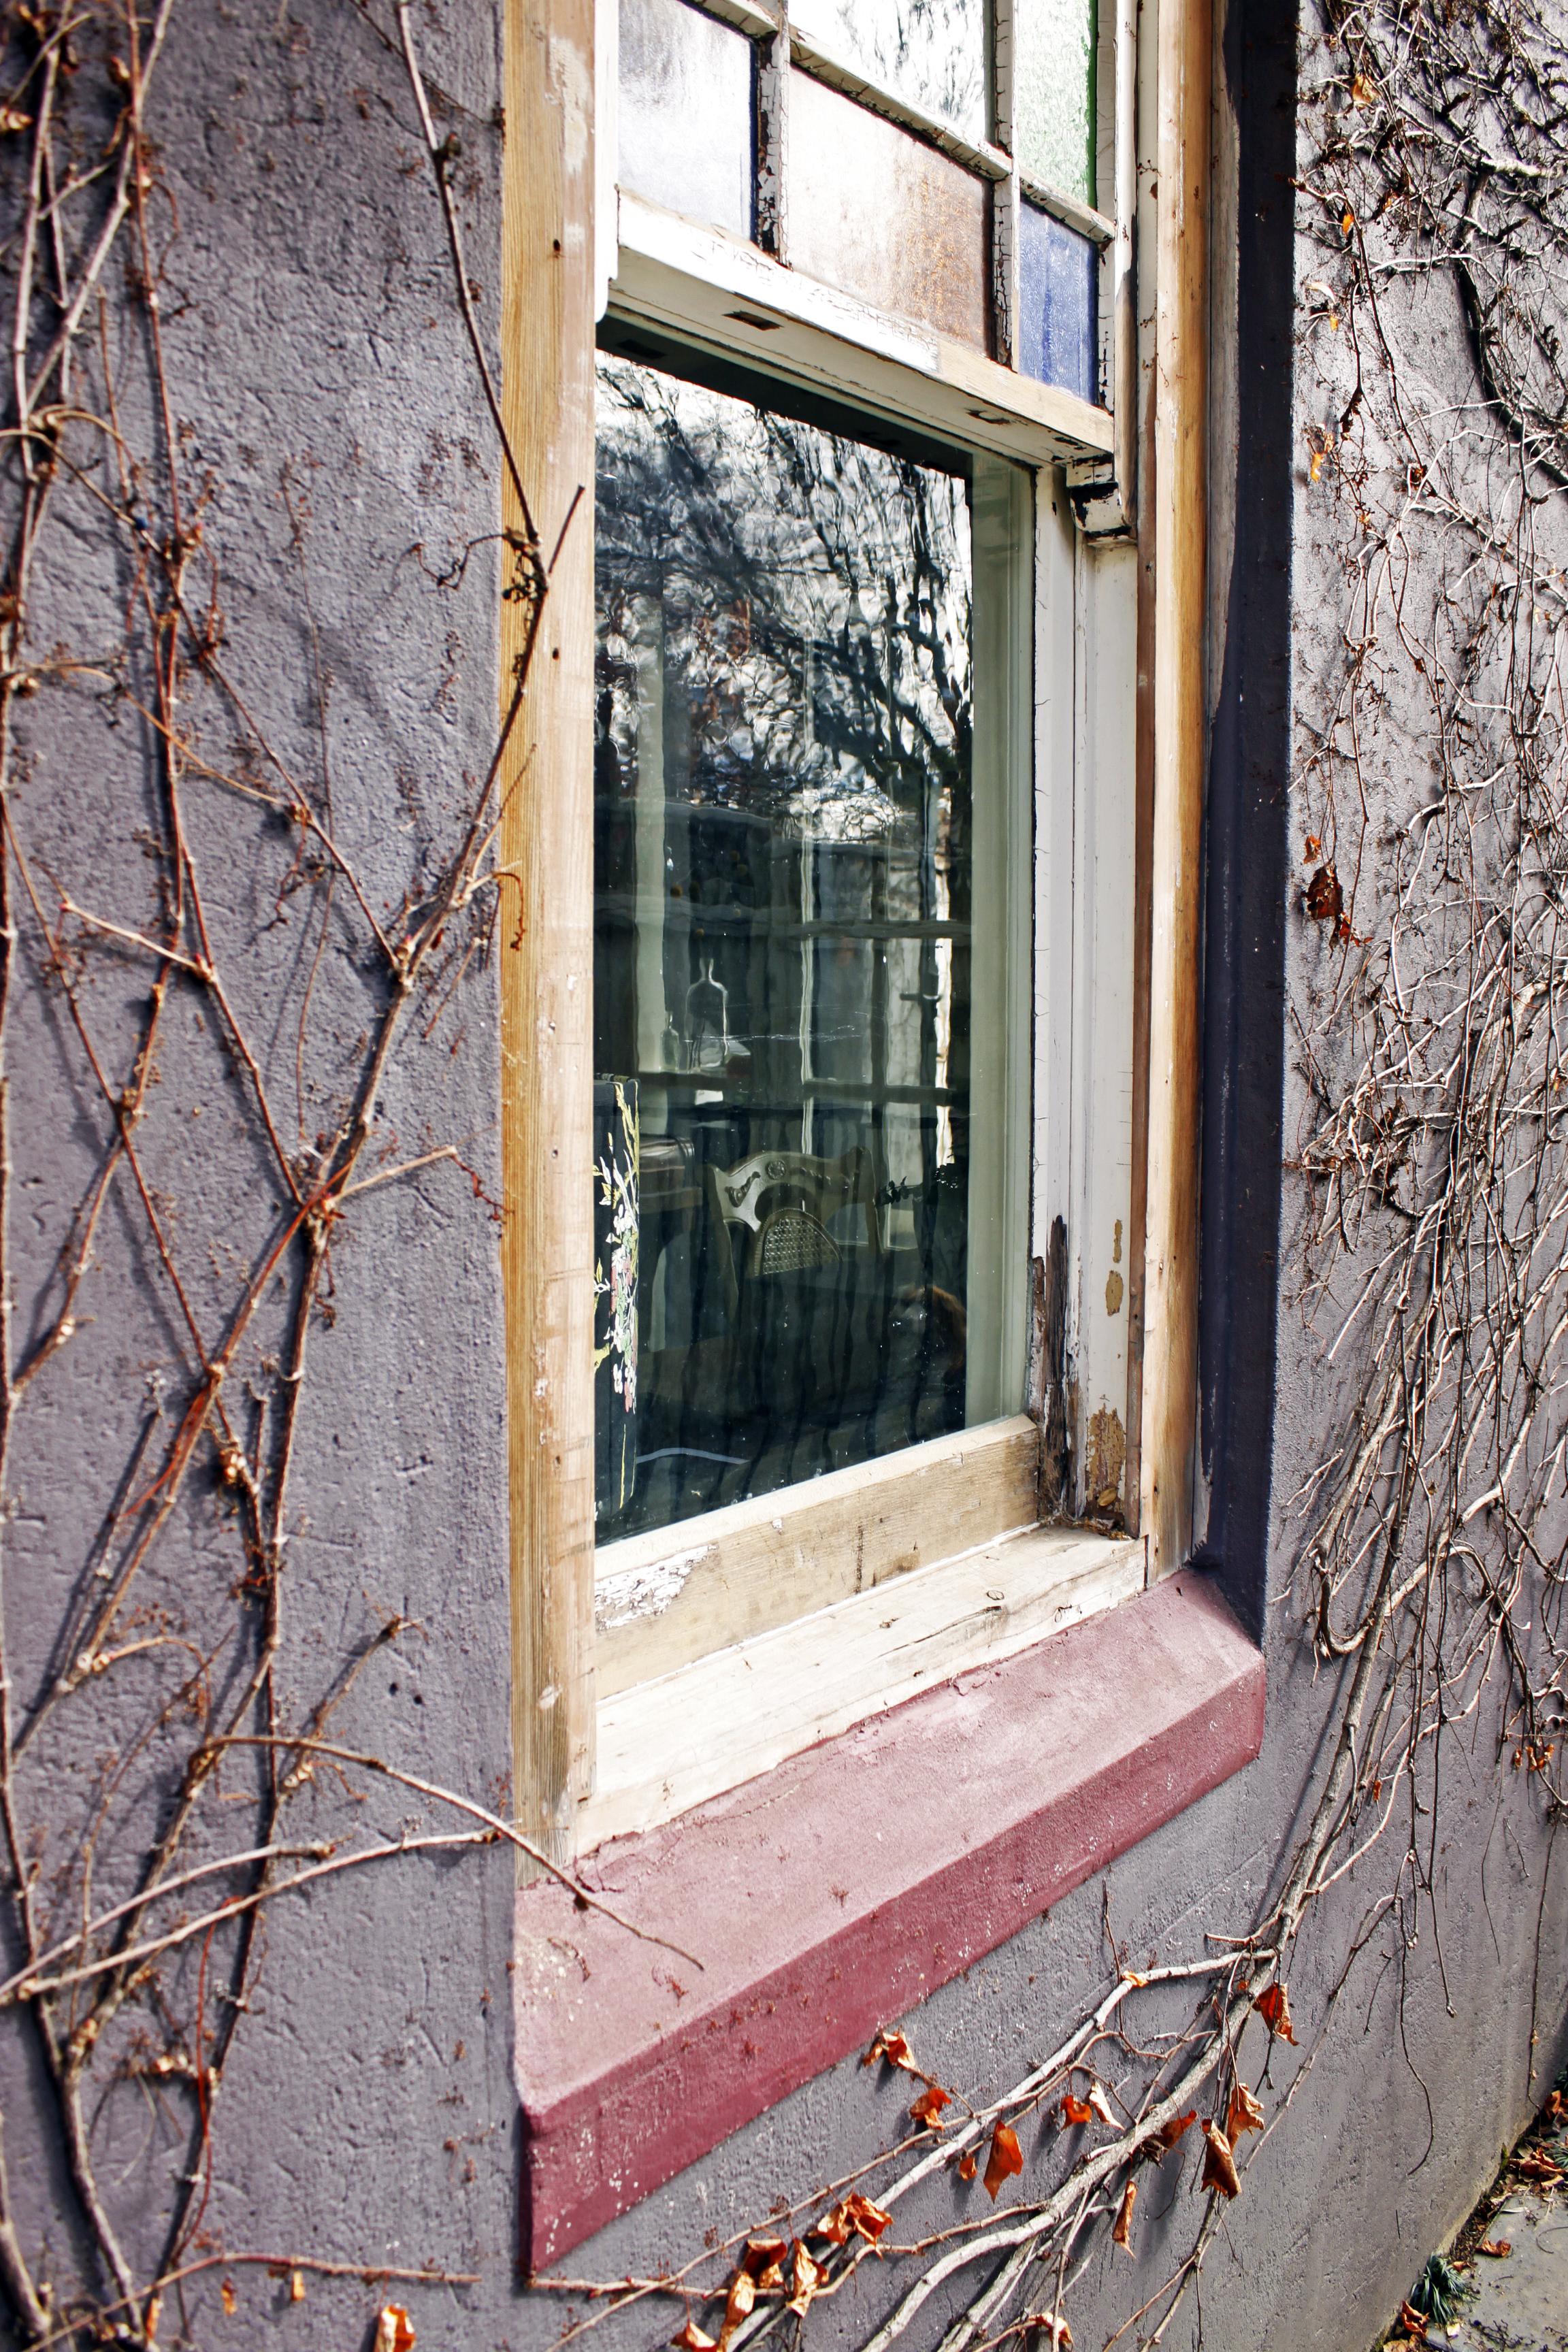 Through the window into Amelia's studio